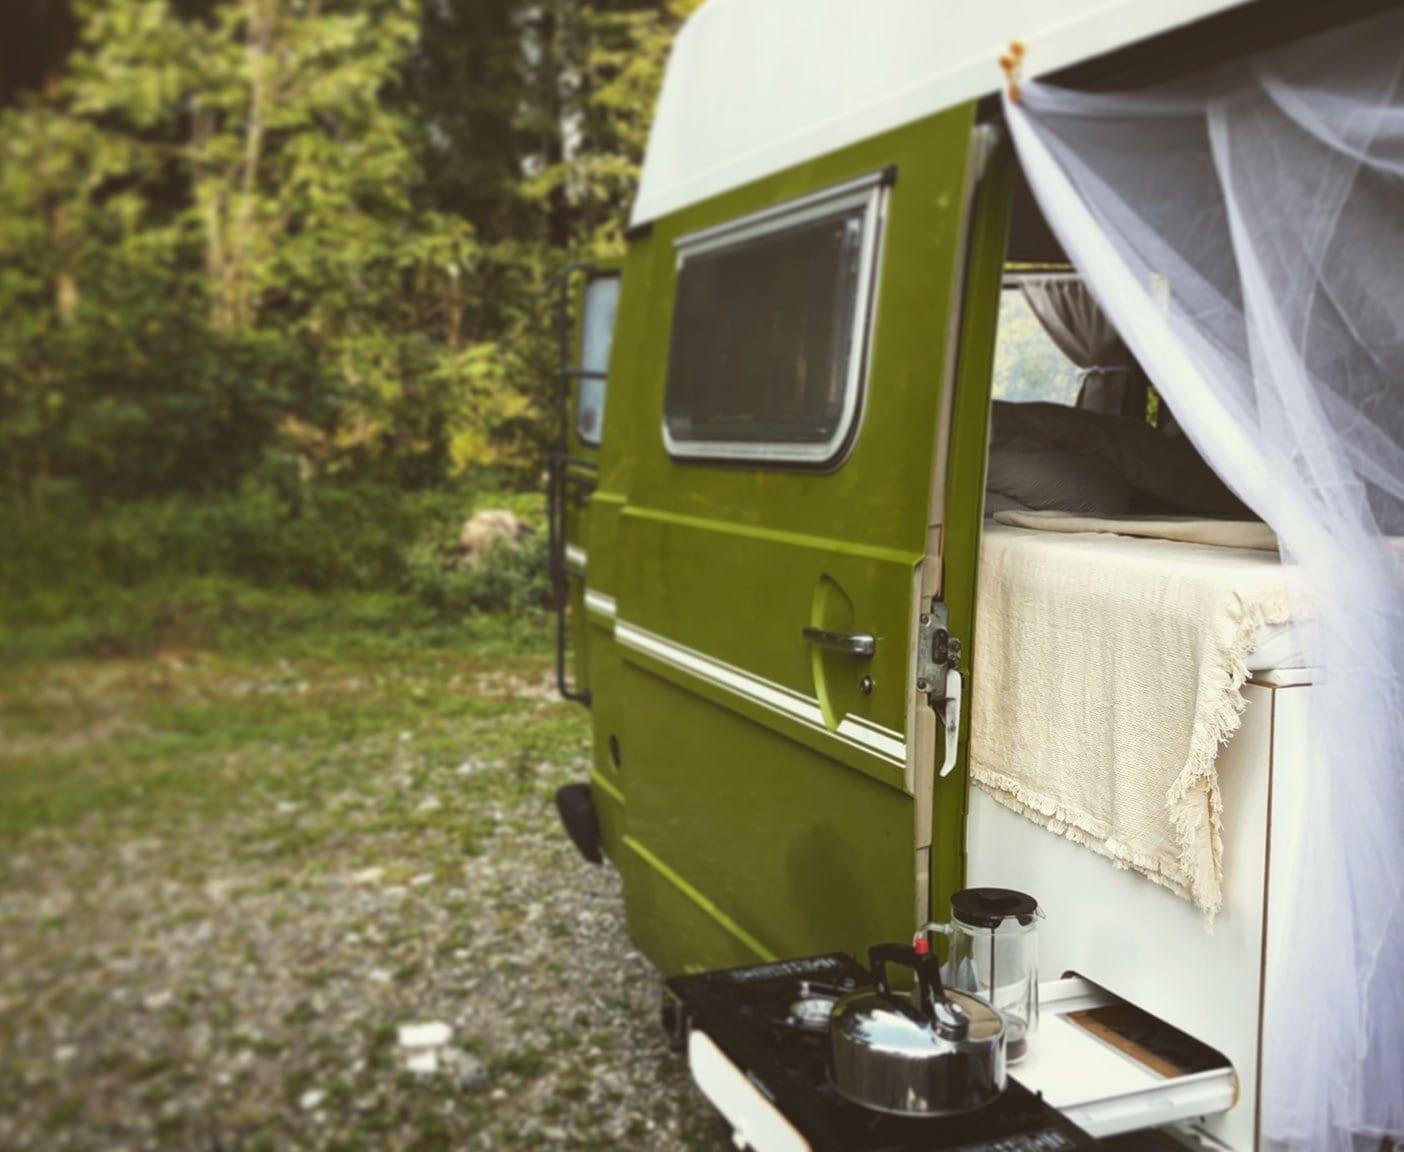 LT-28-Florida-wohnmobil-vw-pritsche-hochdach-grün-mückennetz